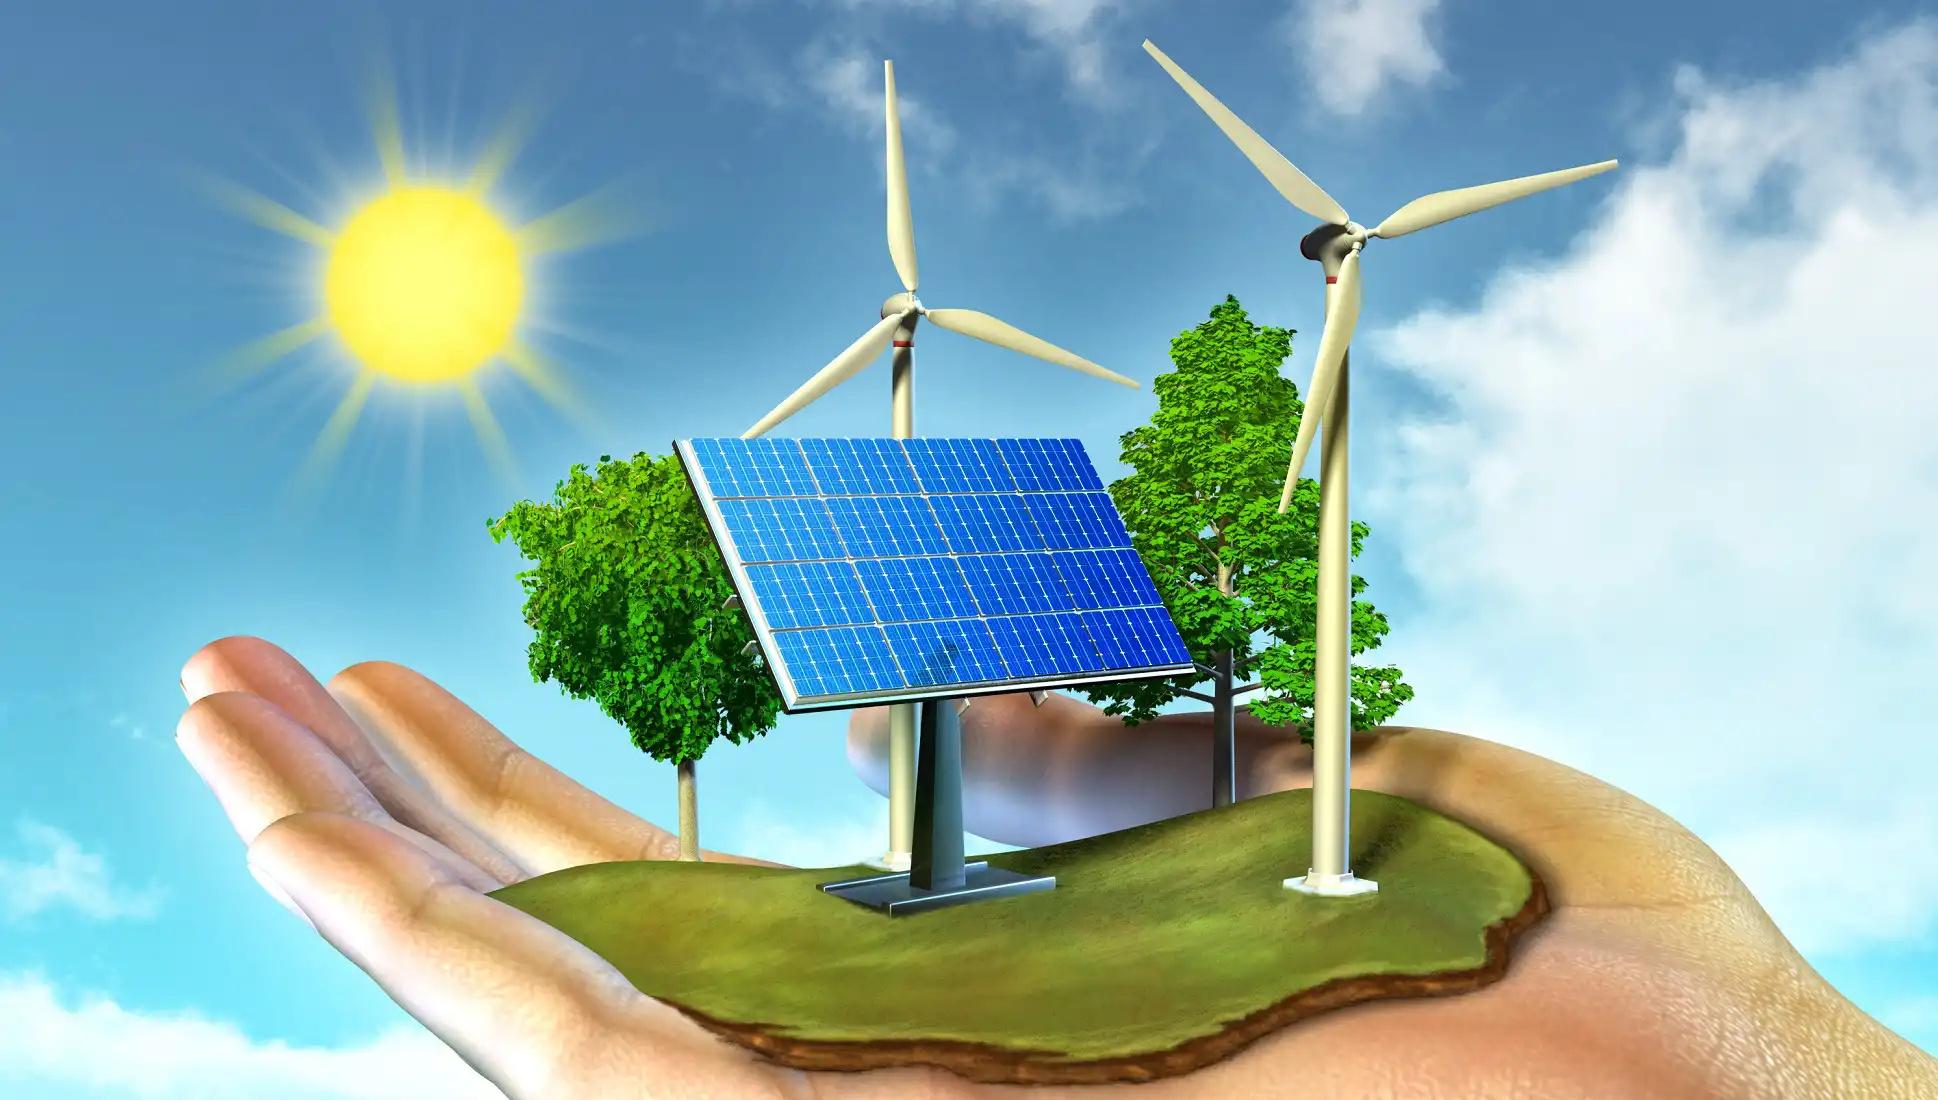 El Cabildo y Teguise colaboran para impulsar las energías renovables durante los próximos cuatro años